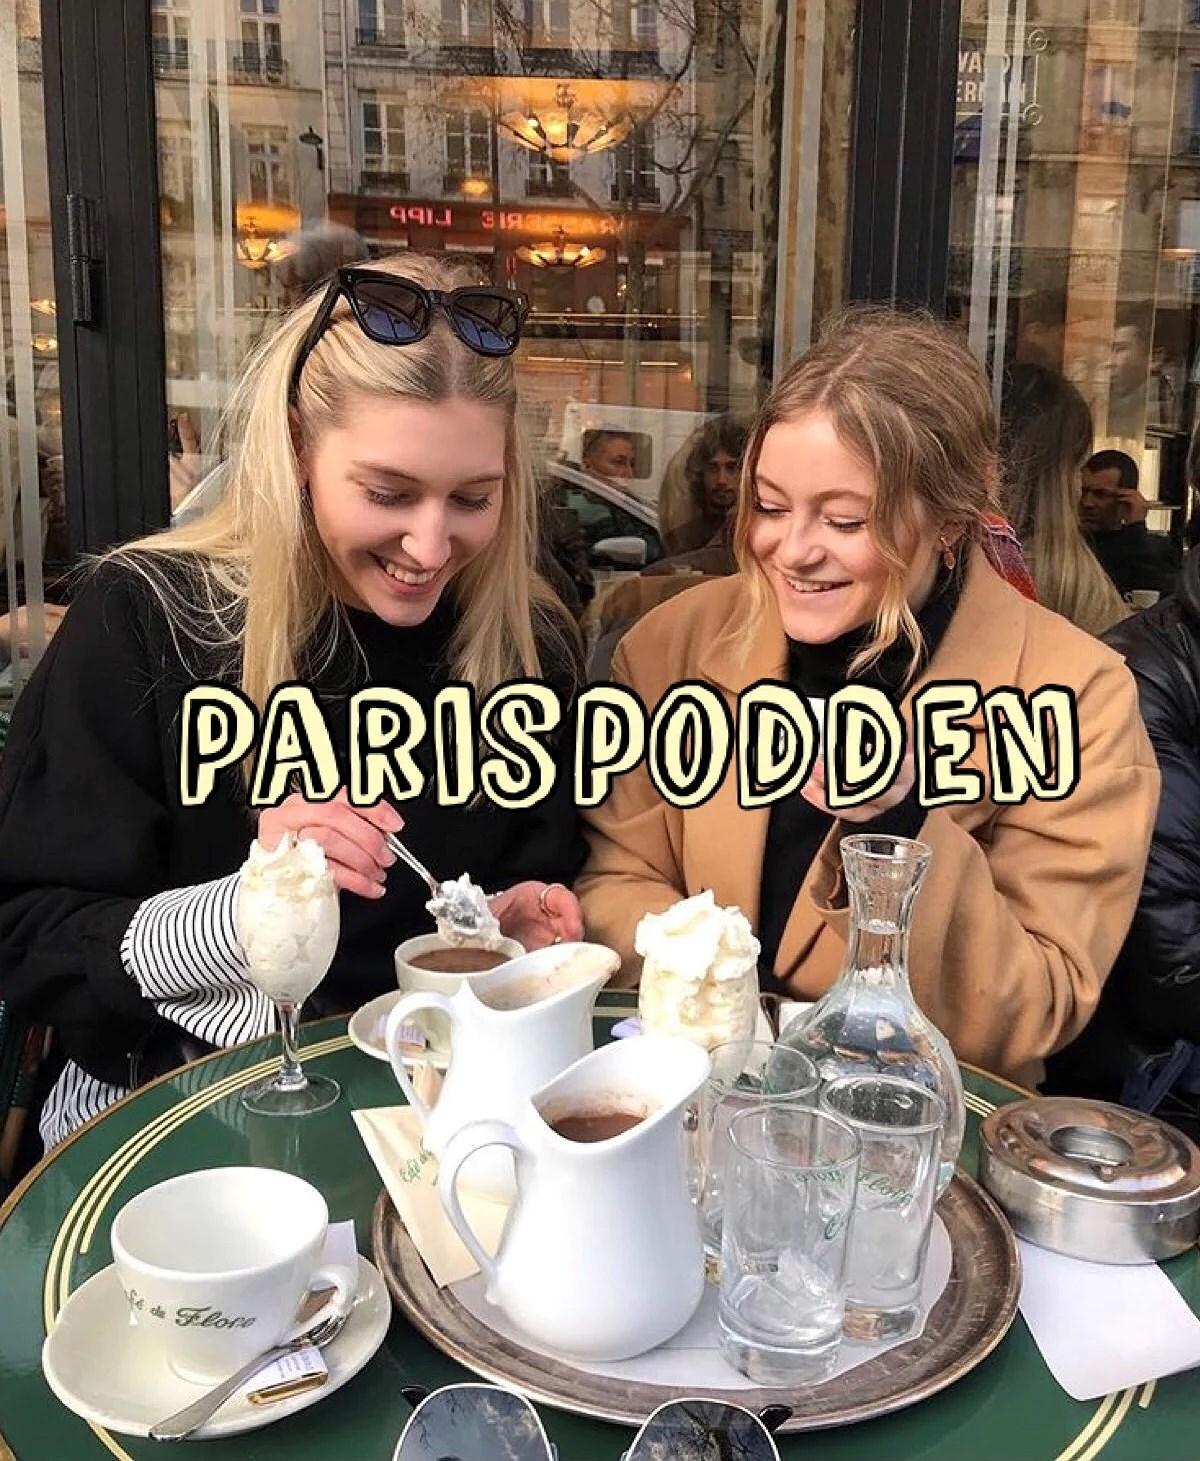 Parispodden avsnitt 3 - att ligga eller att inte ligga med fransmän